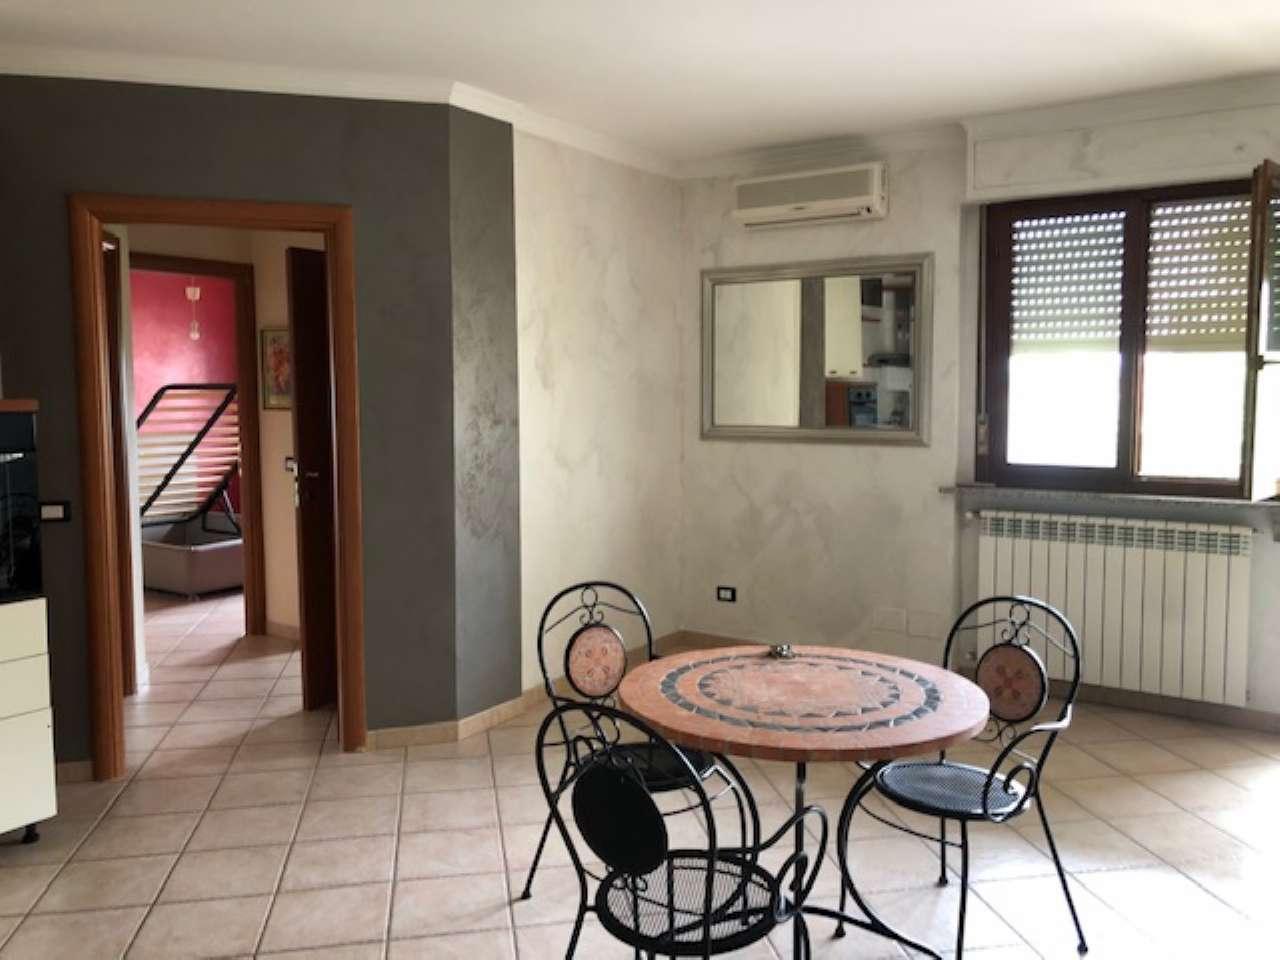 Appartamento in vendita a Brandizzo, 3 locali, prezzo € 125.000 | PortaleAgenzieImmobiliari.it